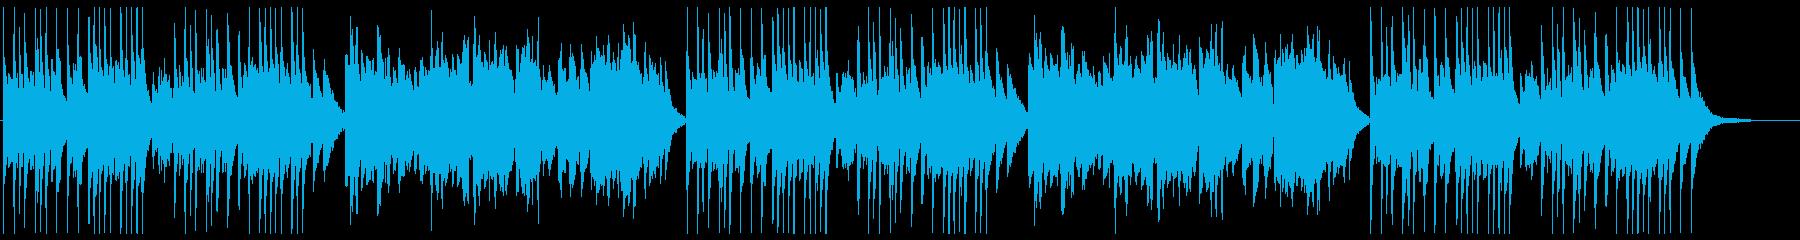 【リズム抜き】ハレの日に合う華やかで明るの再生済みの波形